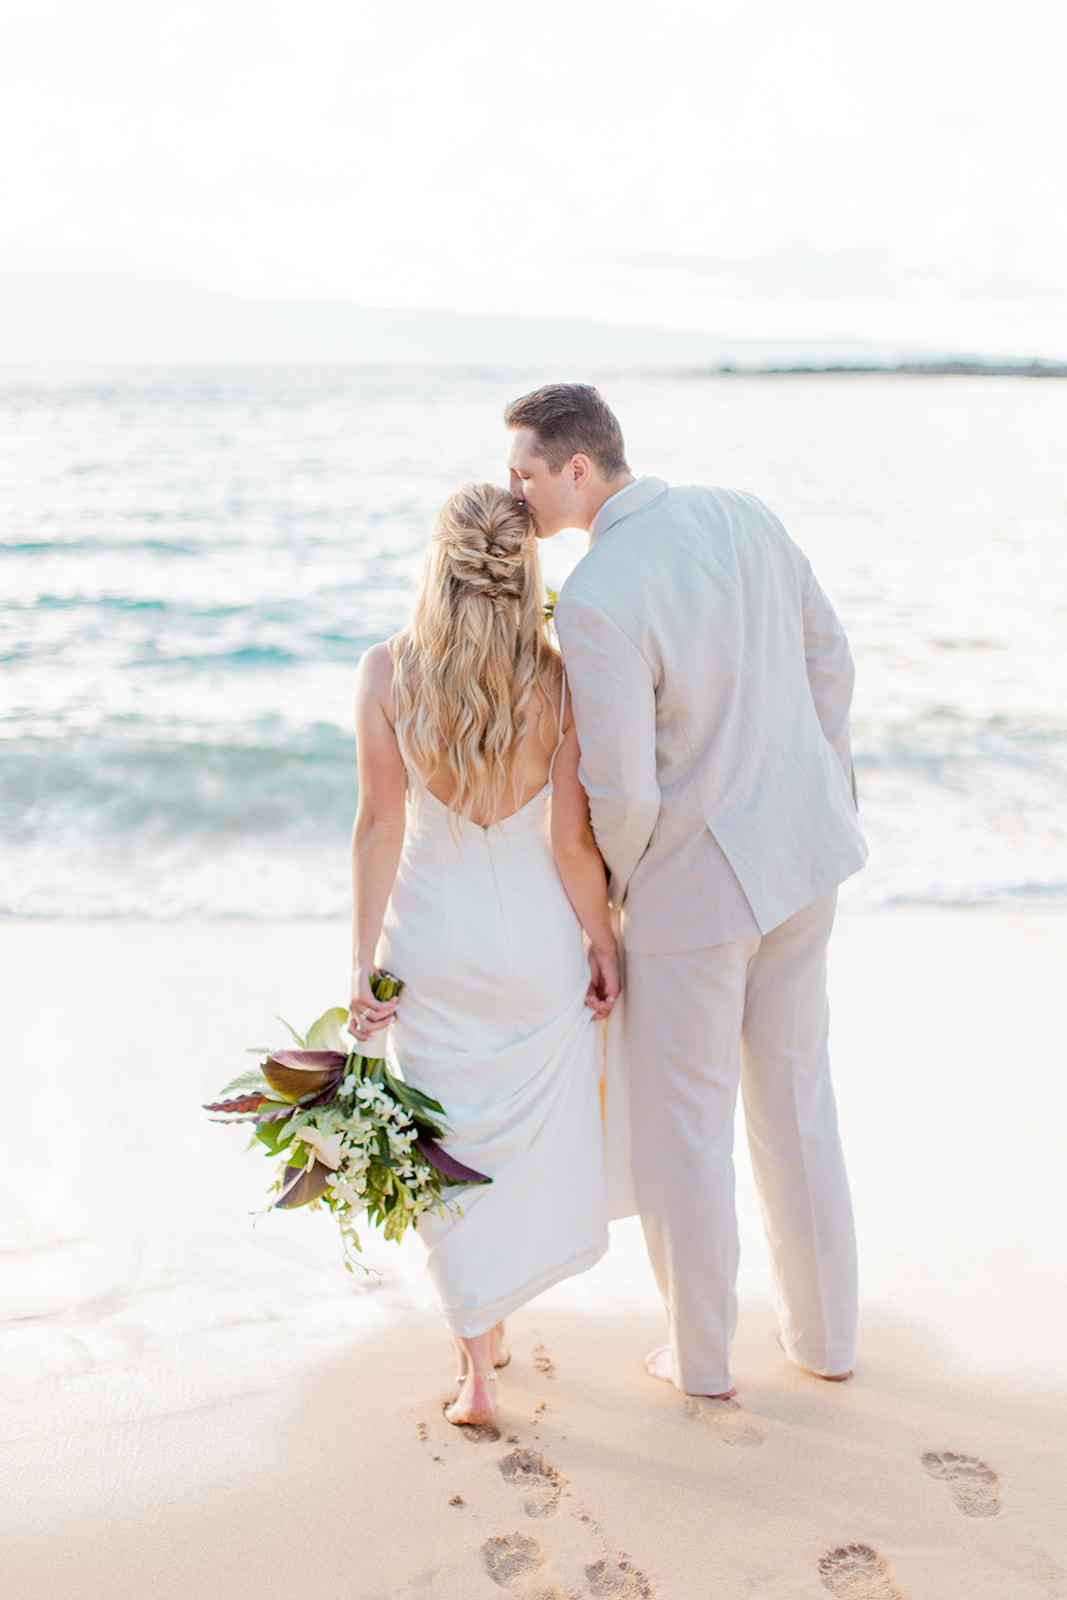 barefoot beach bride and groom spokane elopement